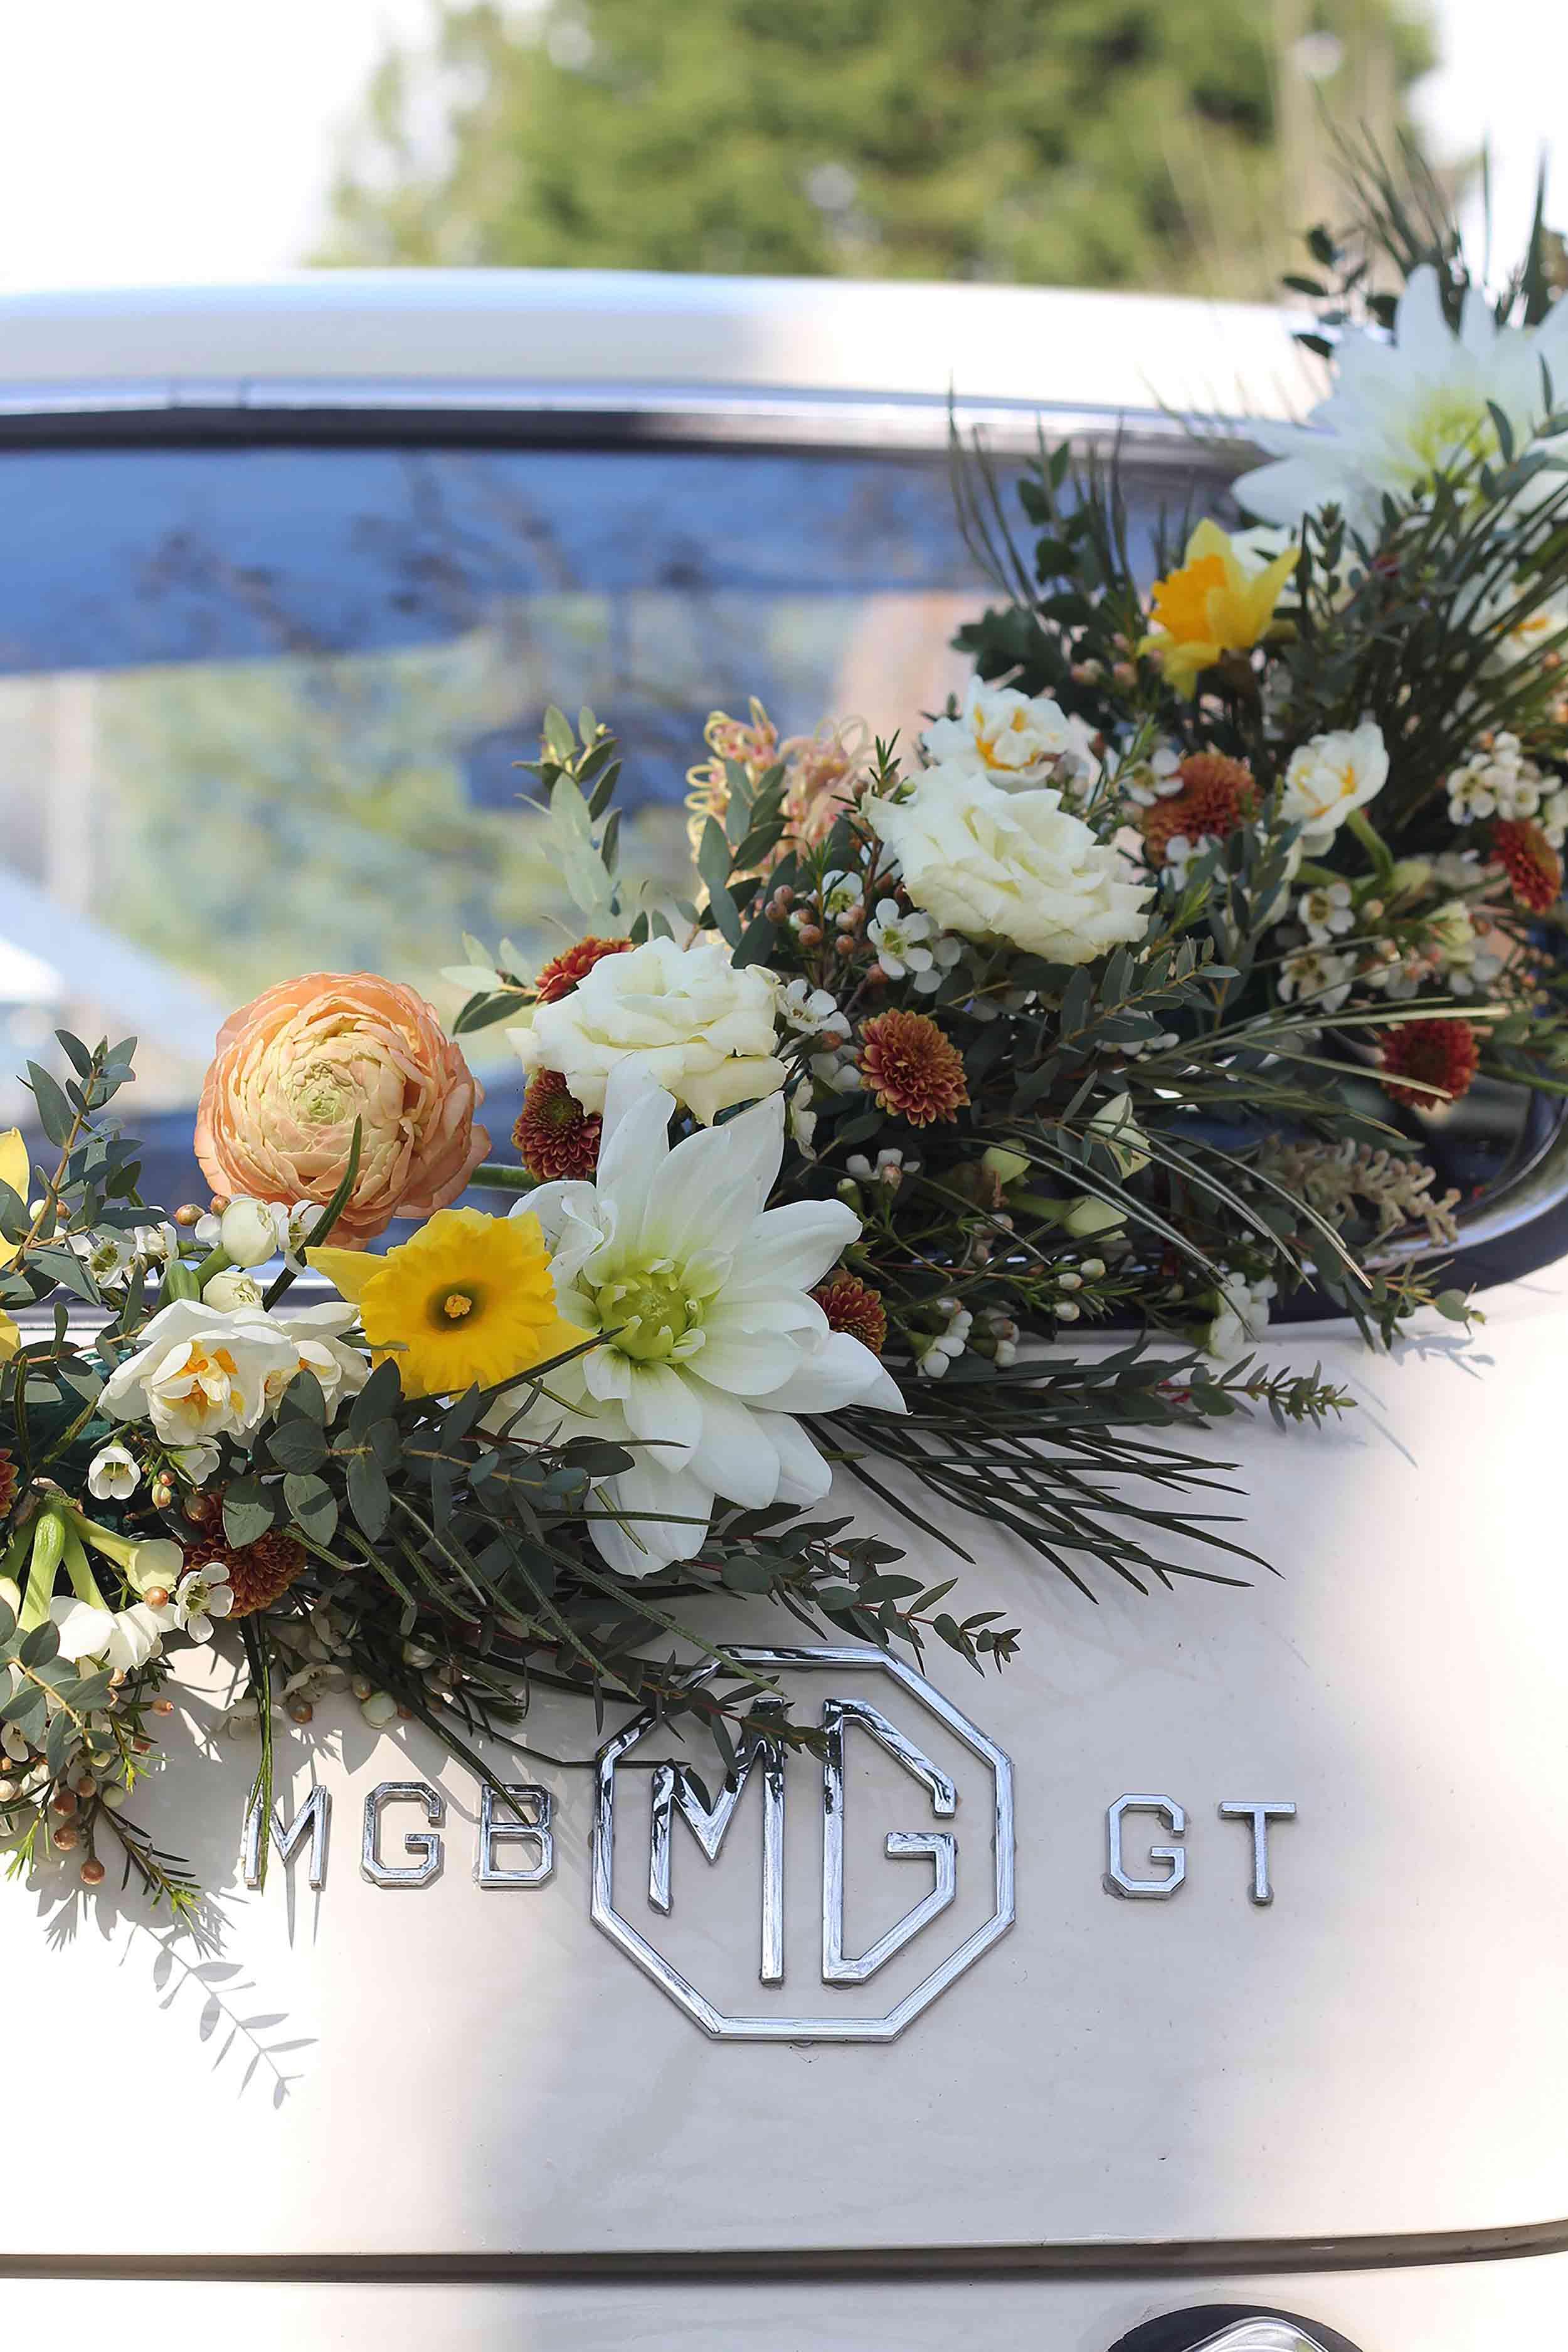 lunaria_wedding_flowers_somerset_UK_10.jpg